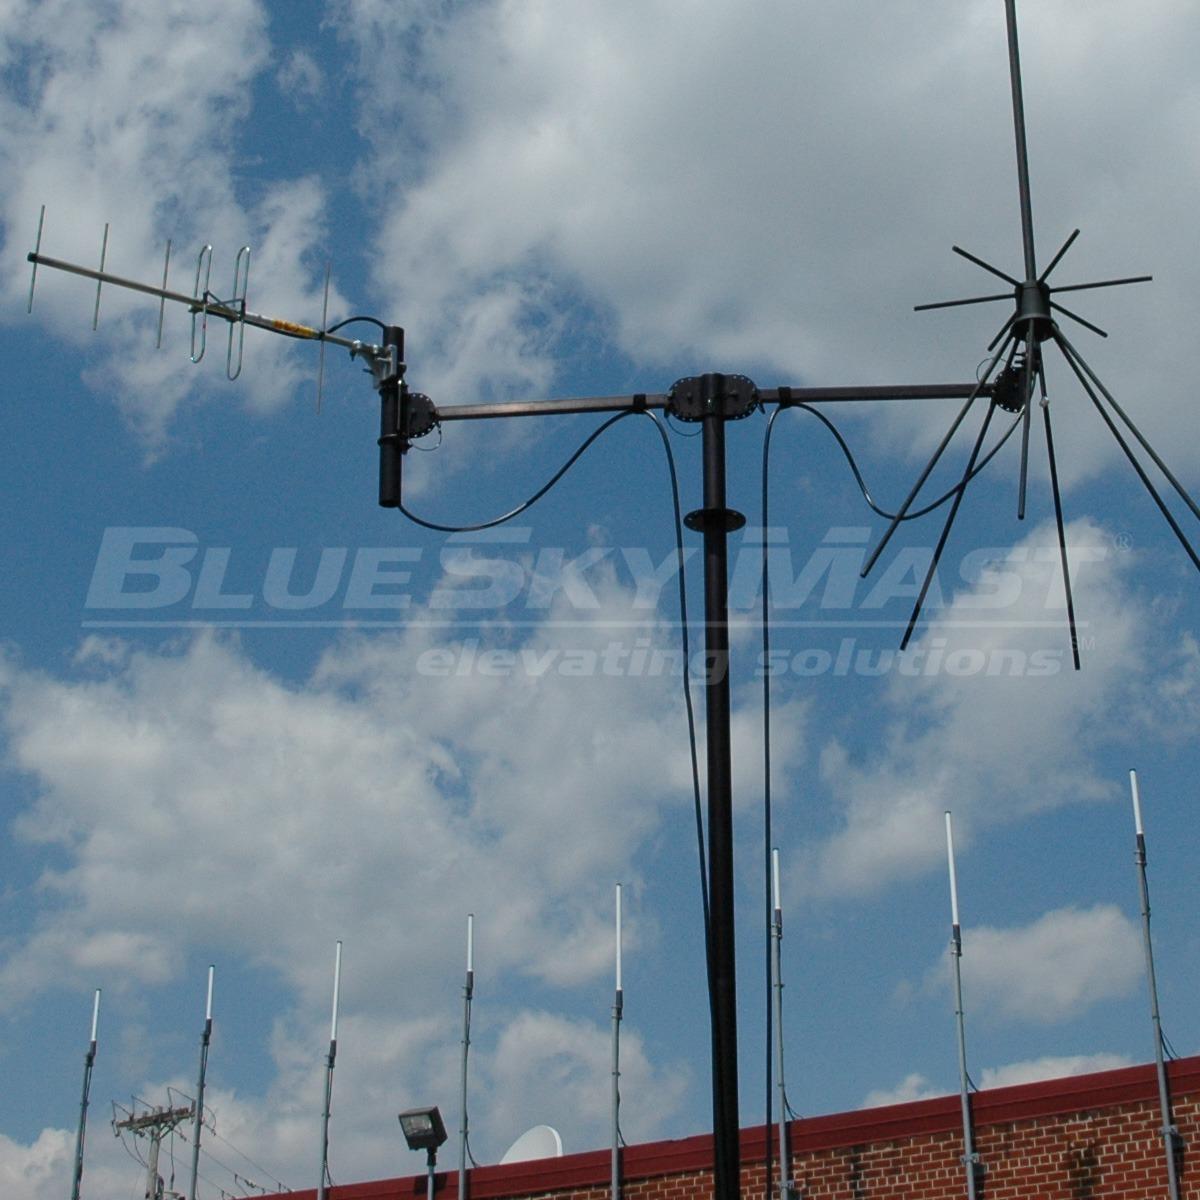 bsm2 w l208 al2 000 bluesky mast lumix lx5 user manual lumix lx5 user manual